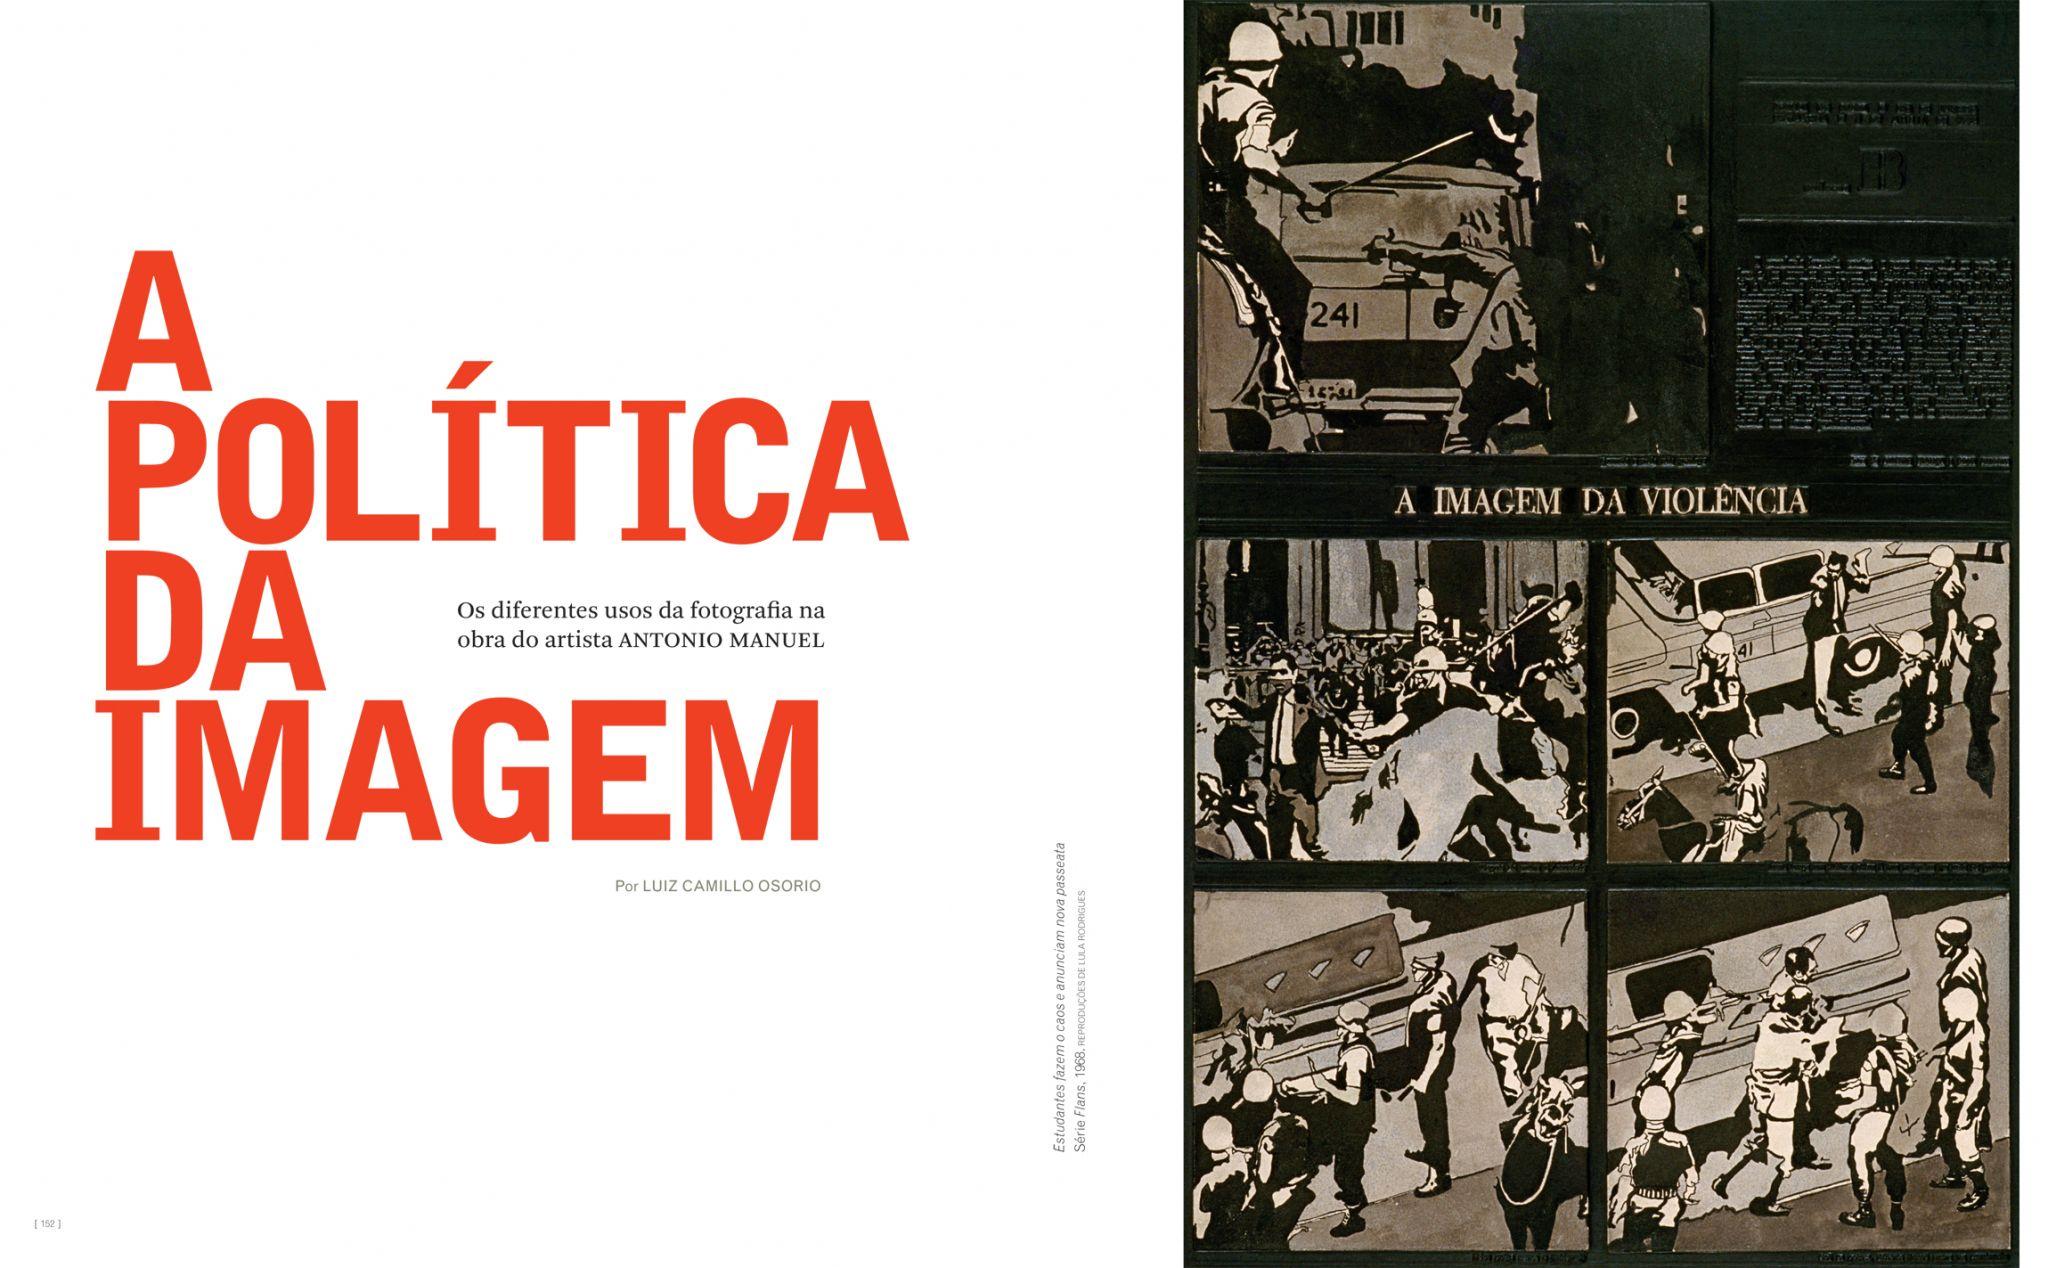 No ano em que o golpe militar completa 50 anos, a ZUM resgata o trabalho de Antonio Manuel, que se valeu da imagem fotográfica e de intervenções na imprensa para amplificar sua voz crítica e artística.